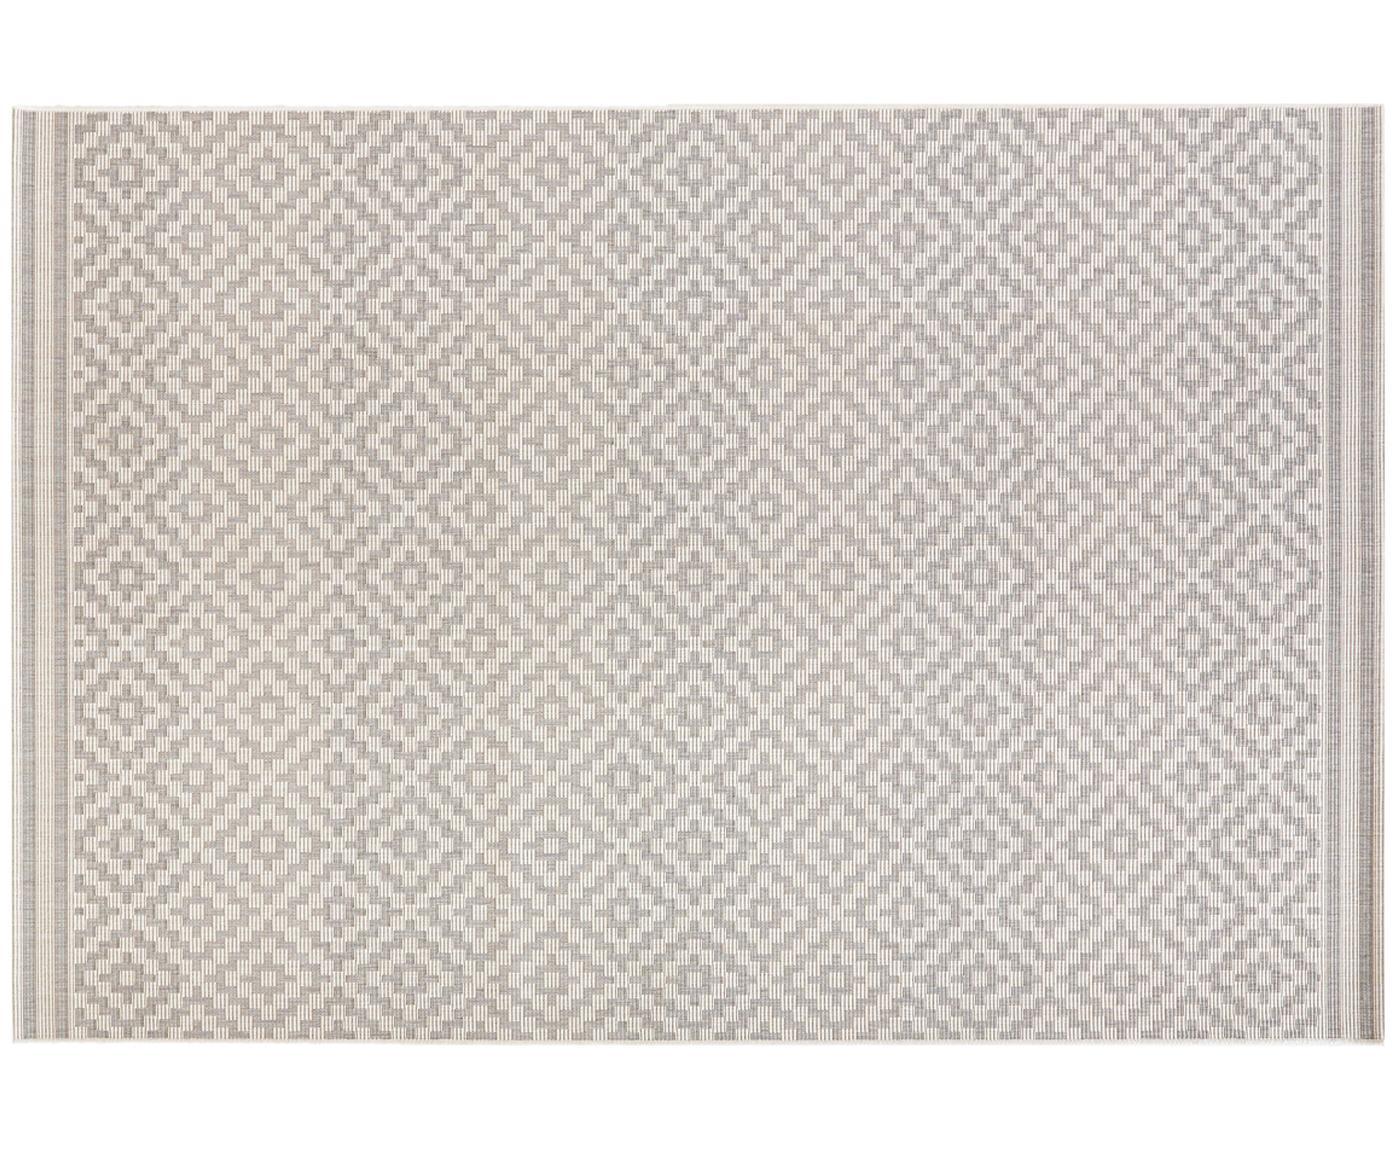 In- & Outdoor-Teppich Meadow Raute mit grafischem Muster, Grau, Beige, B 80 x L 150 cm (Grösse XS)